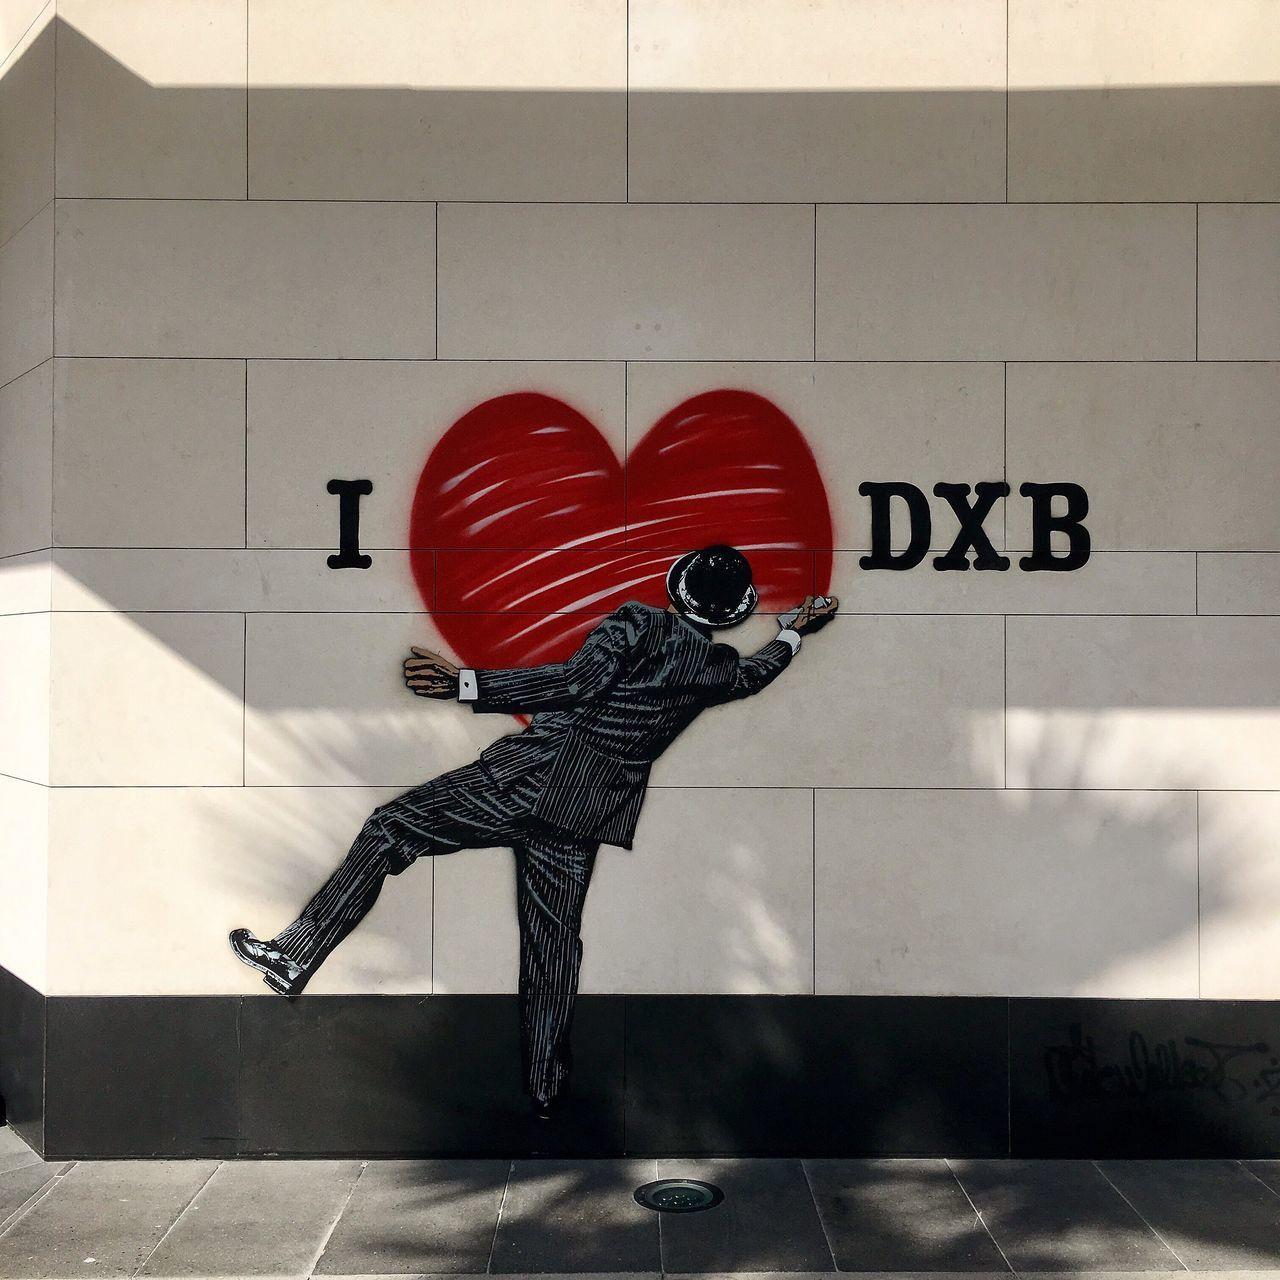 Urban Grafetti Wallart City Dubai